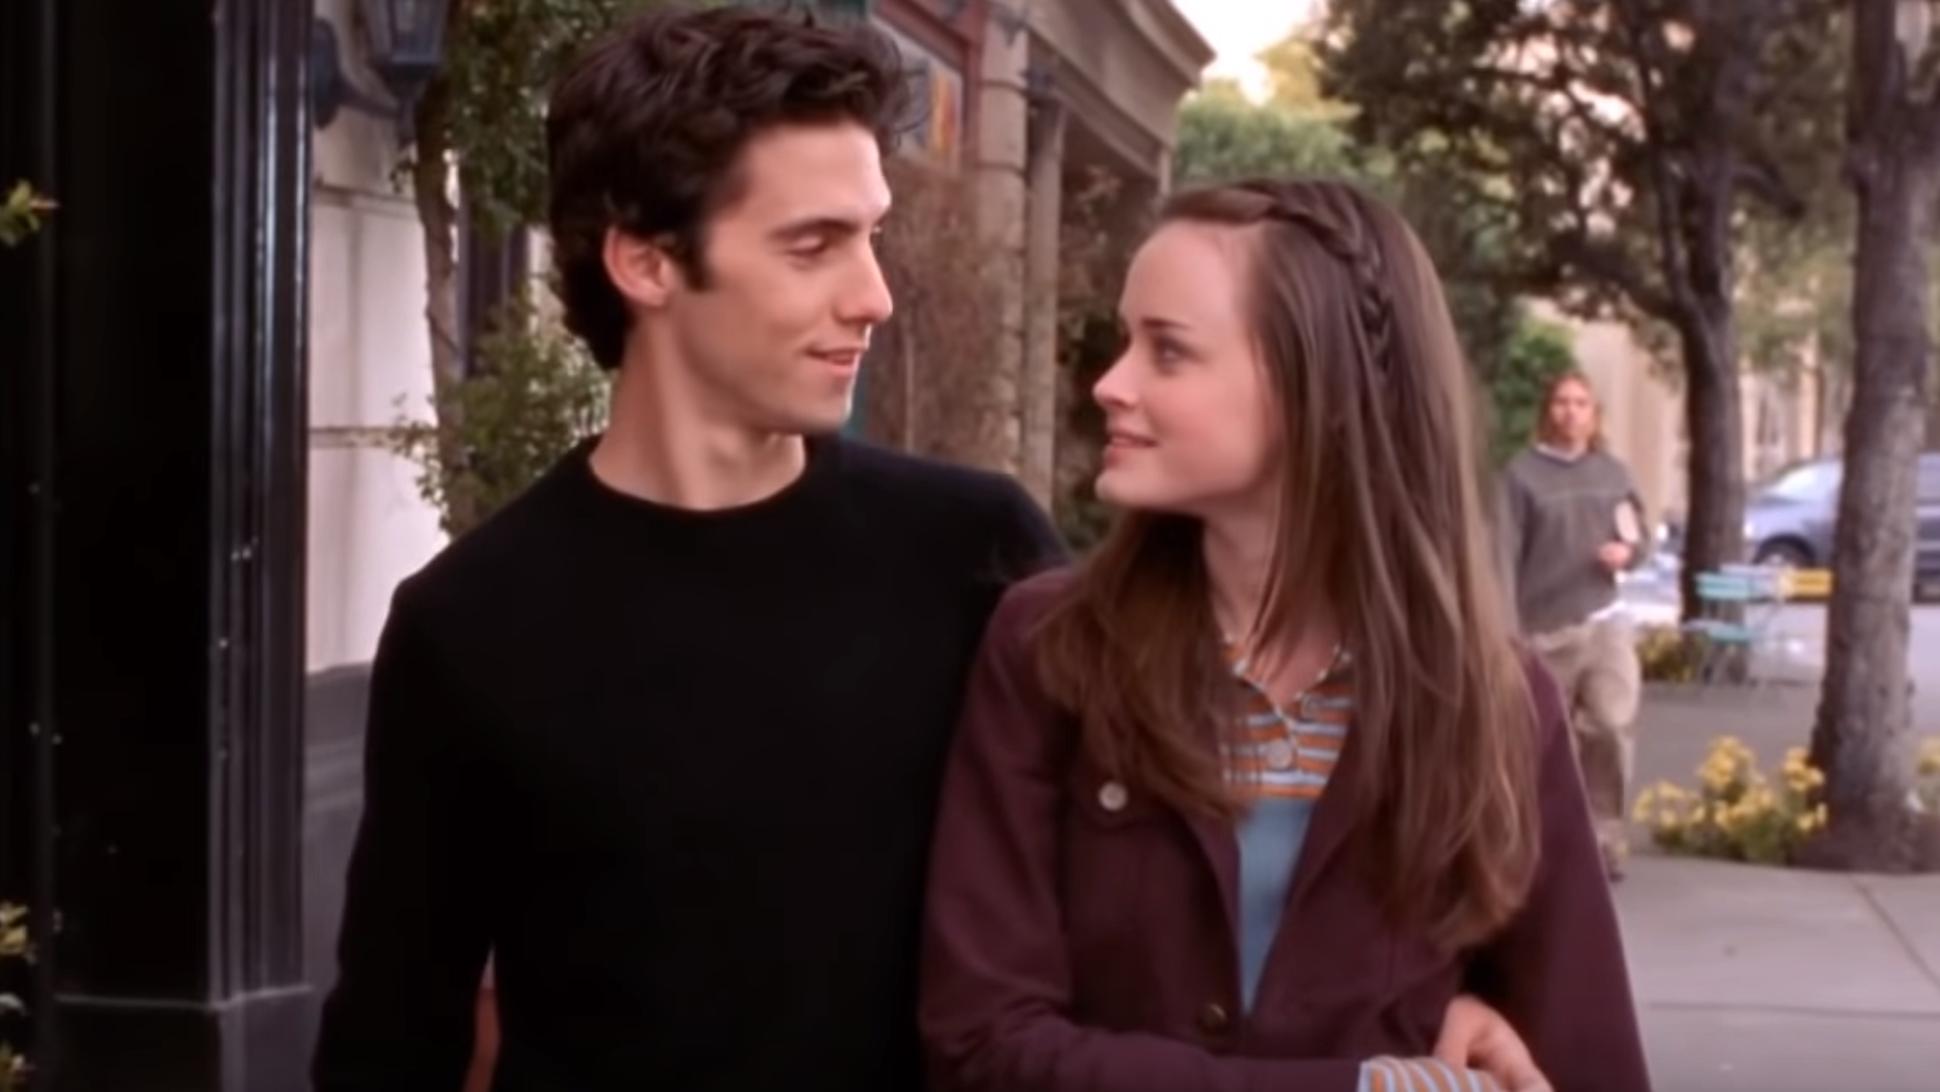 Terza stagione delle Gilmore Girls: Rory e Jess camminano per le strade di Stars Hallow.